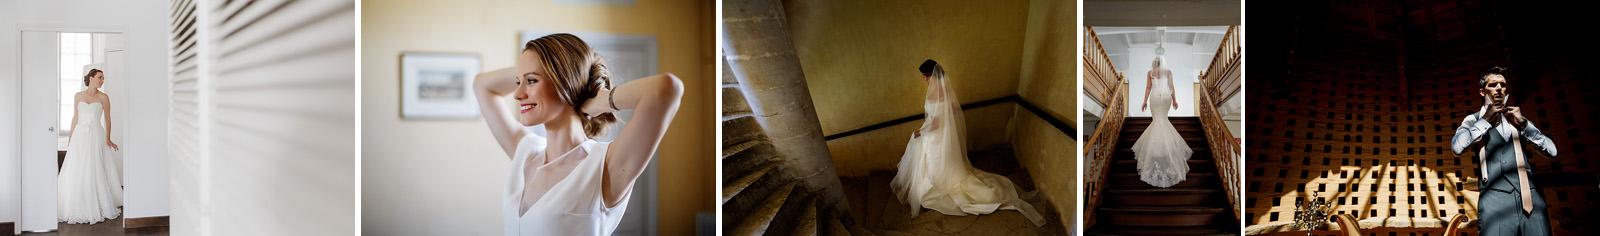 photographe de mariage, des photos de reportage naturelles, du mariage autrement